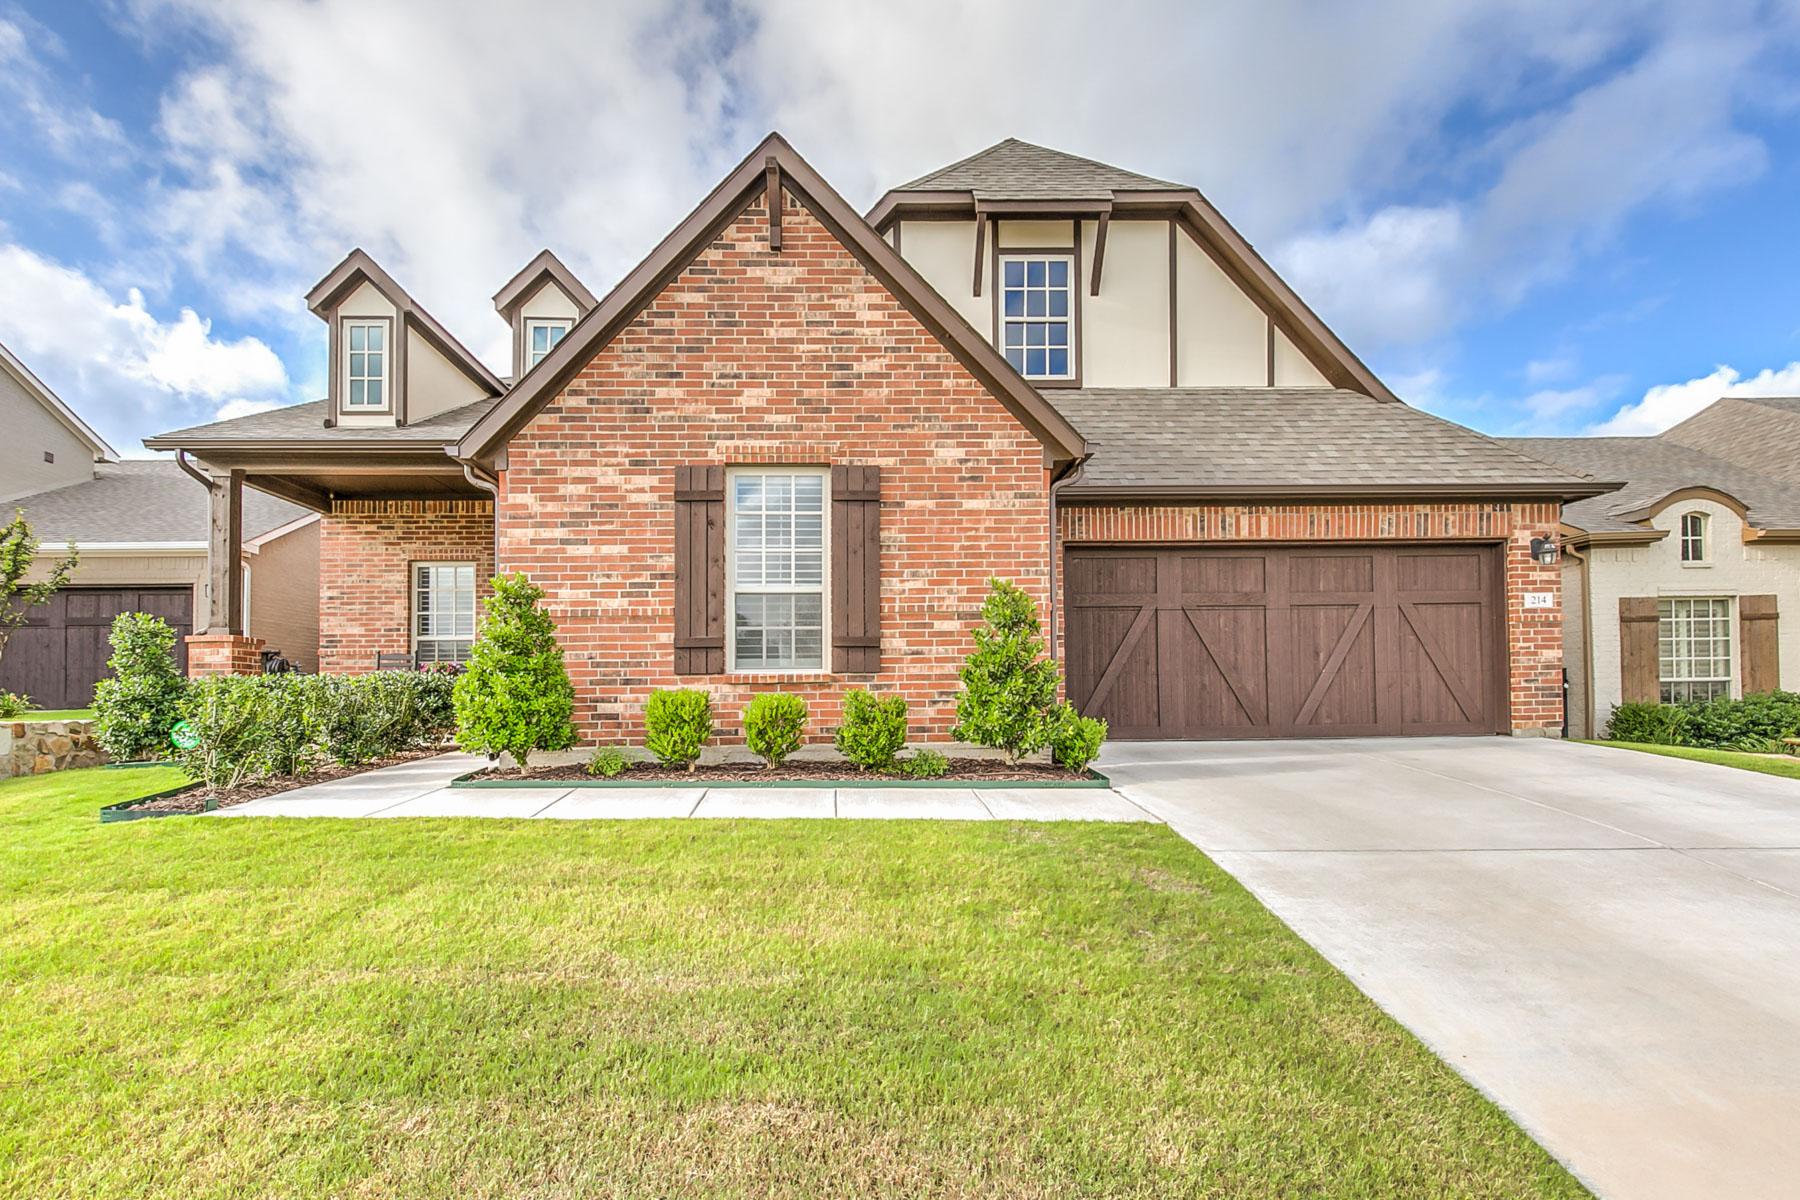 Casa Unifamiliar por un Venta en 214 Parkview Dr, Aledo Aledo, Texas, 76008 Estados Unidos